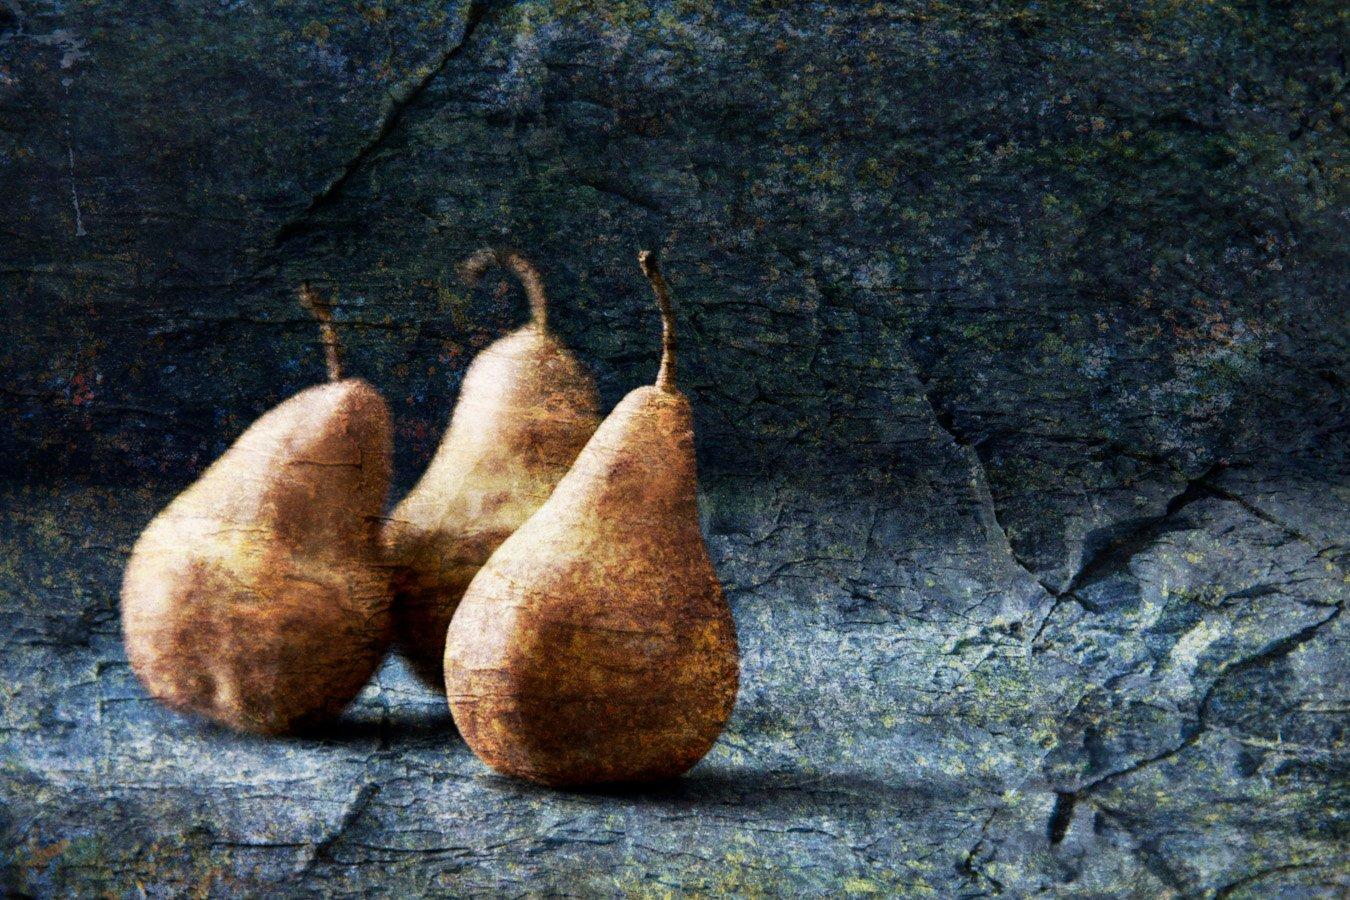 Whit_Becca_Pears_Wheat_022.jpg